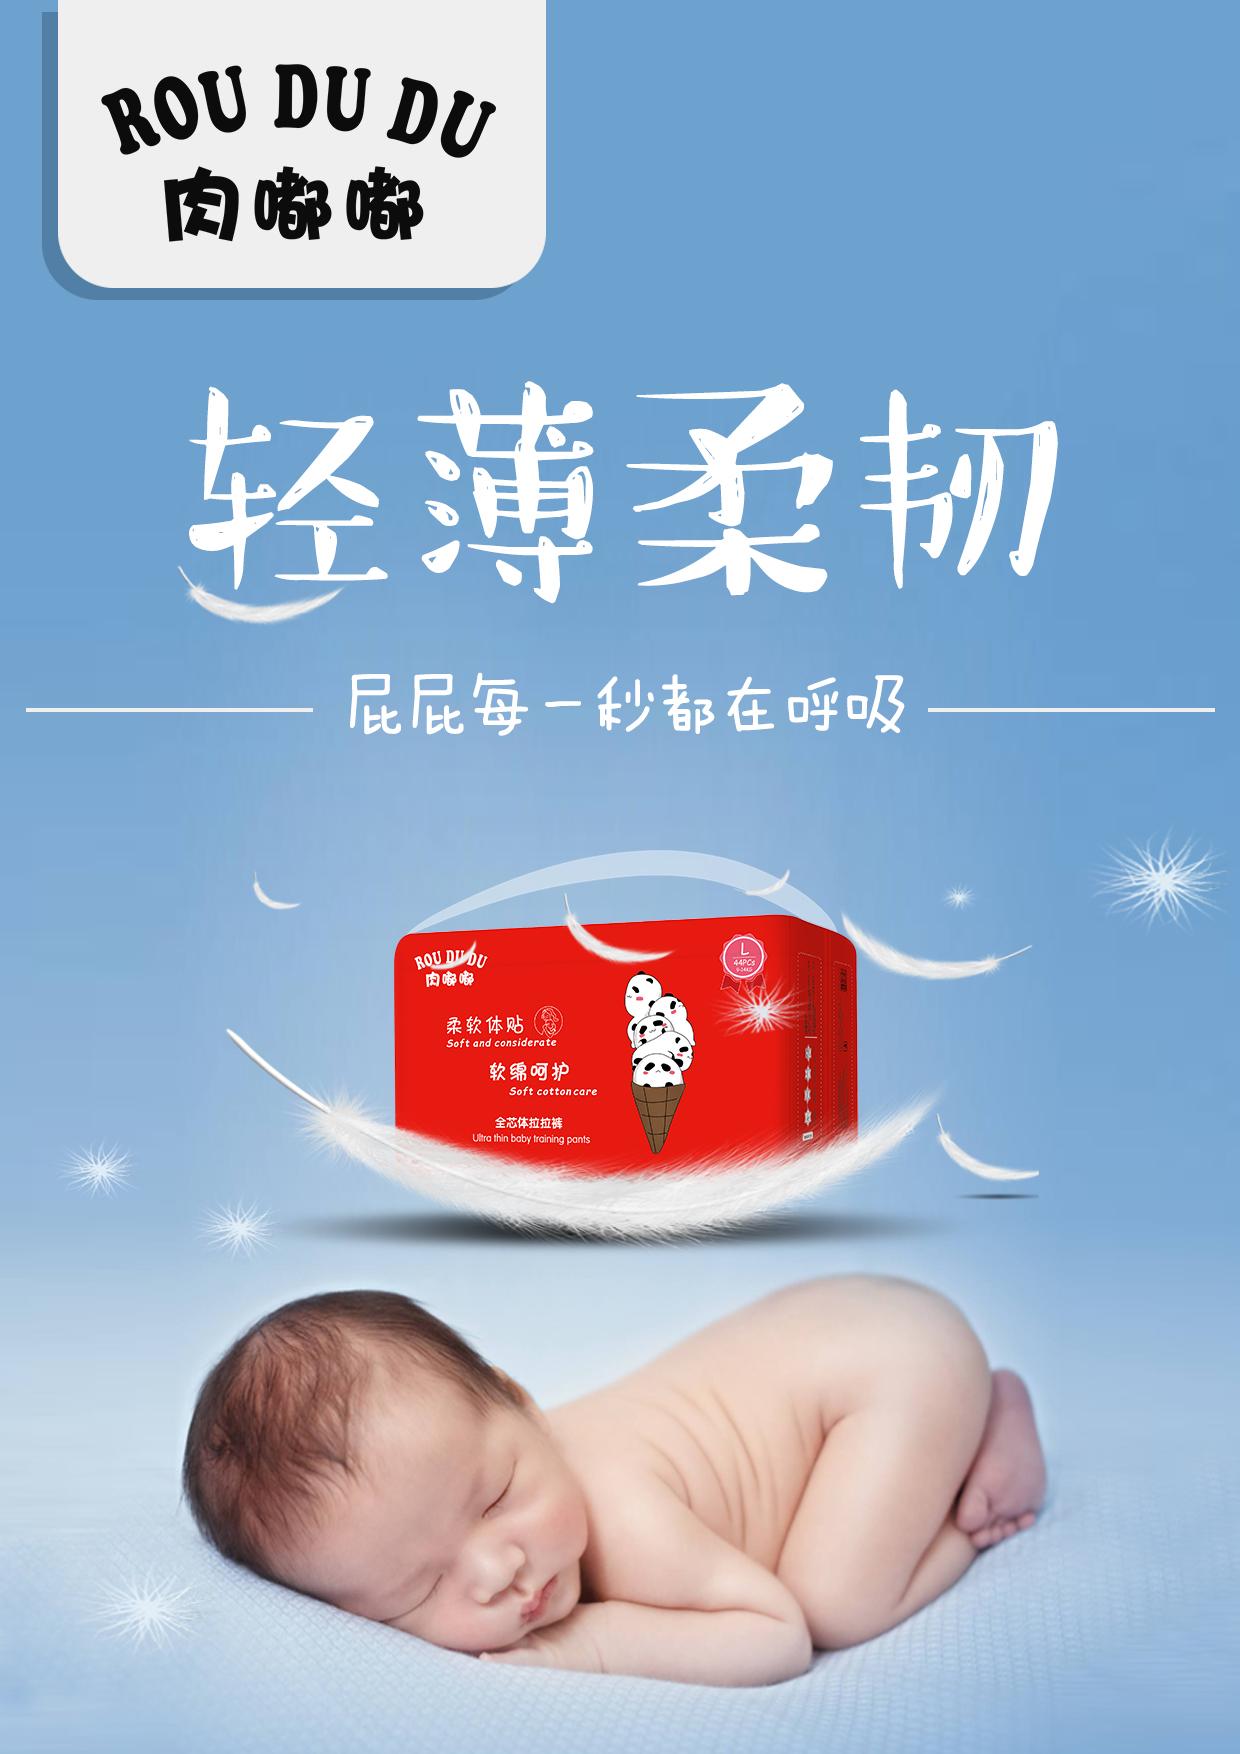 中国红肉嘟嘟拉拉裤 全芯体进口高分子  纸尿裤 拉拉裤 超薄 超柔软 超透气 超舒适 亲肤